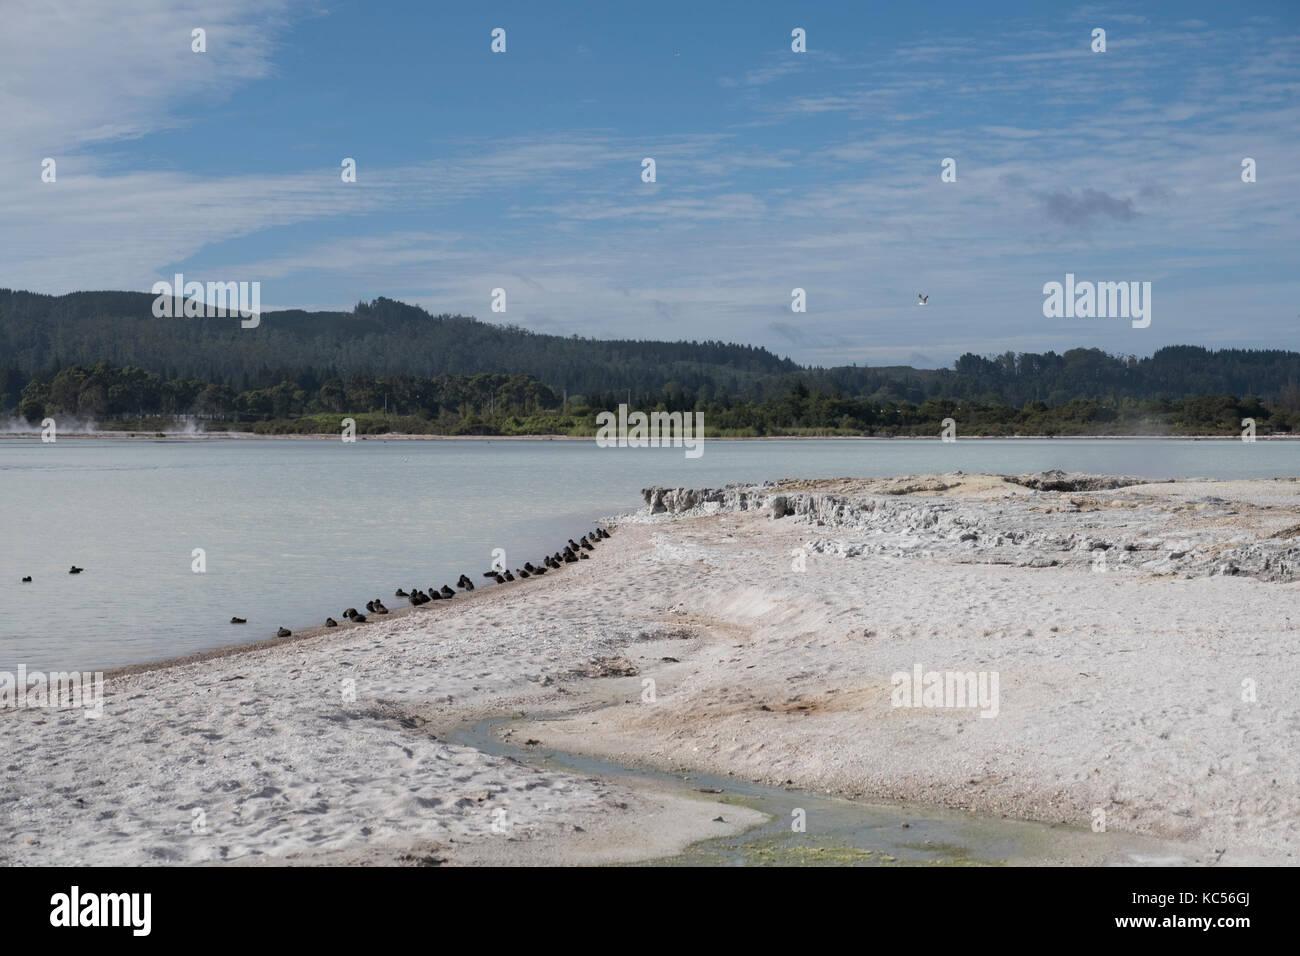 New Zealand - Stock Image